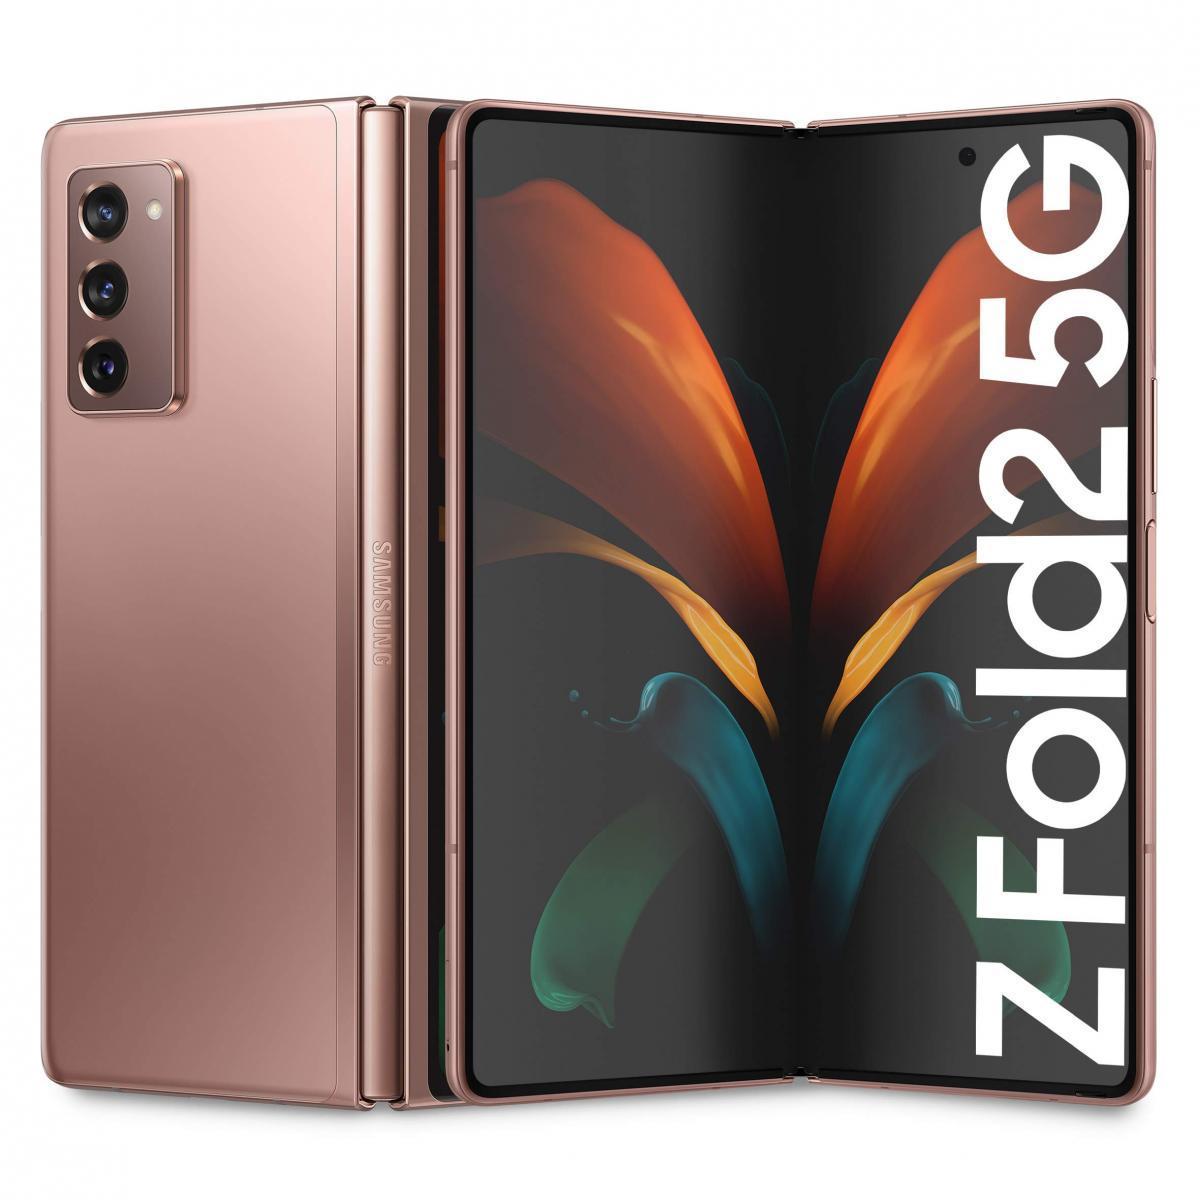 1 - Samsung Galaxy Z Fold 2 5G - Darth News Side - Alexa Reviews